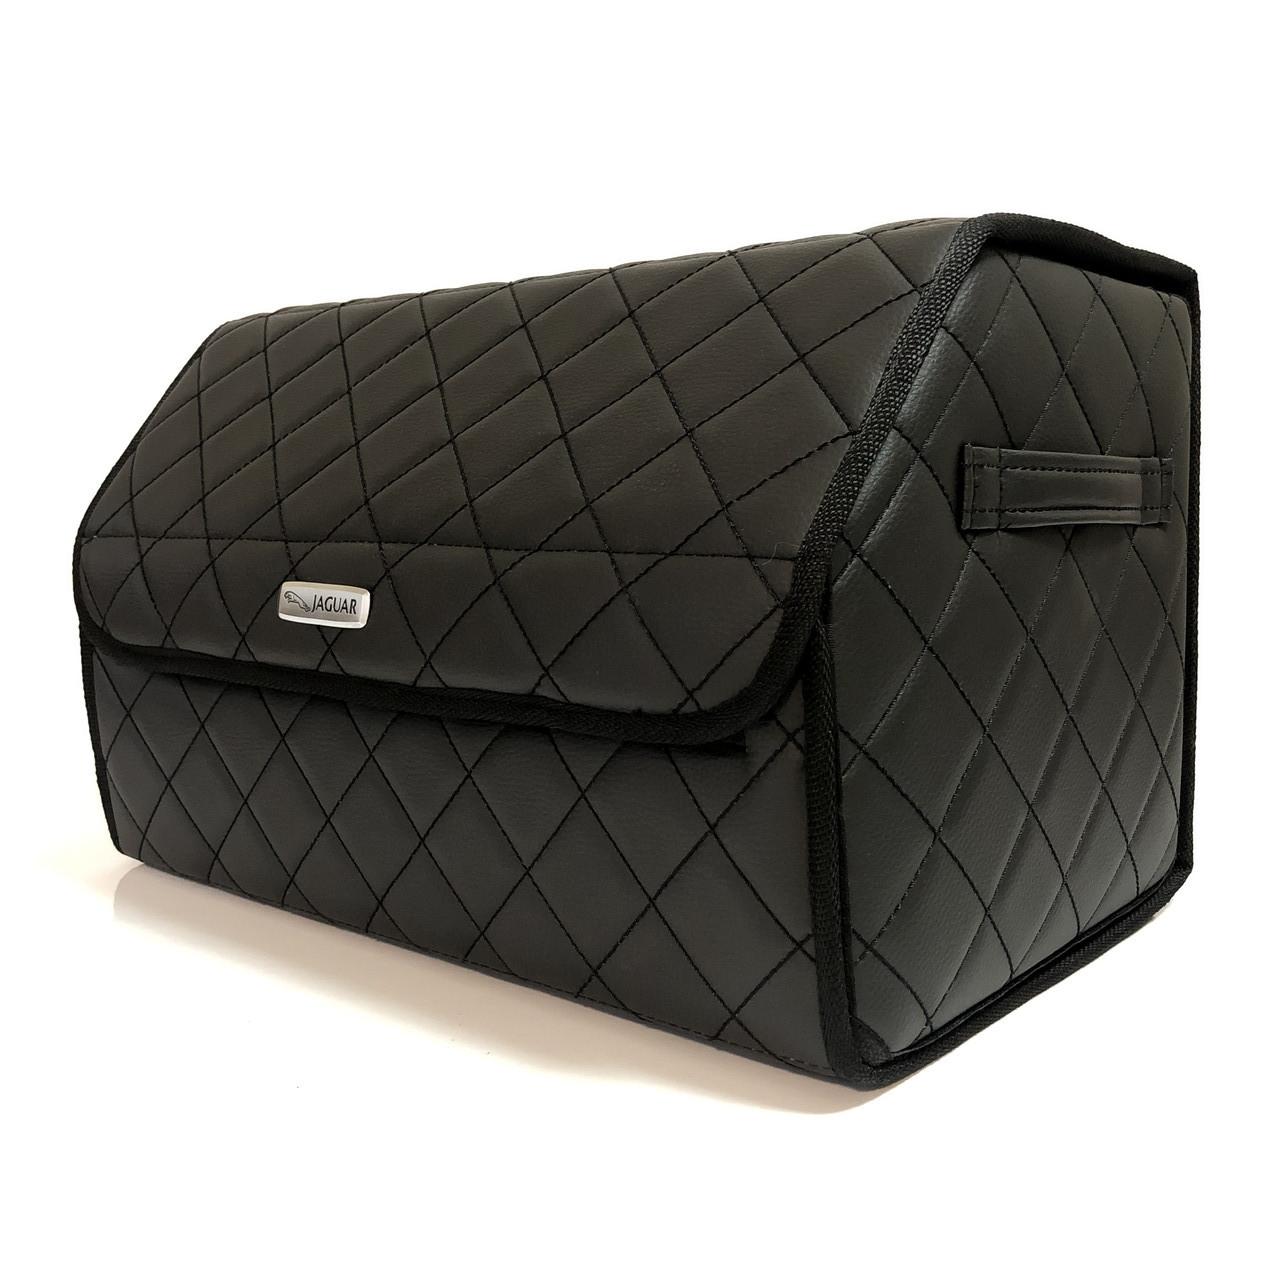 Саквояж с лого в багажник «Jaguar» I Органайзер в авто Черный Ягуар